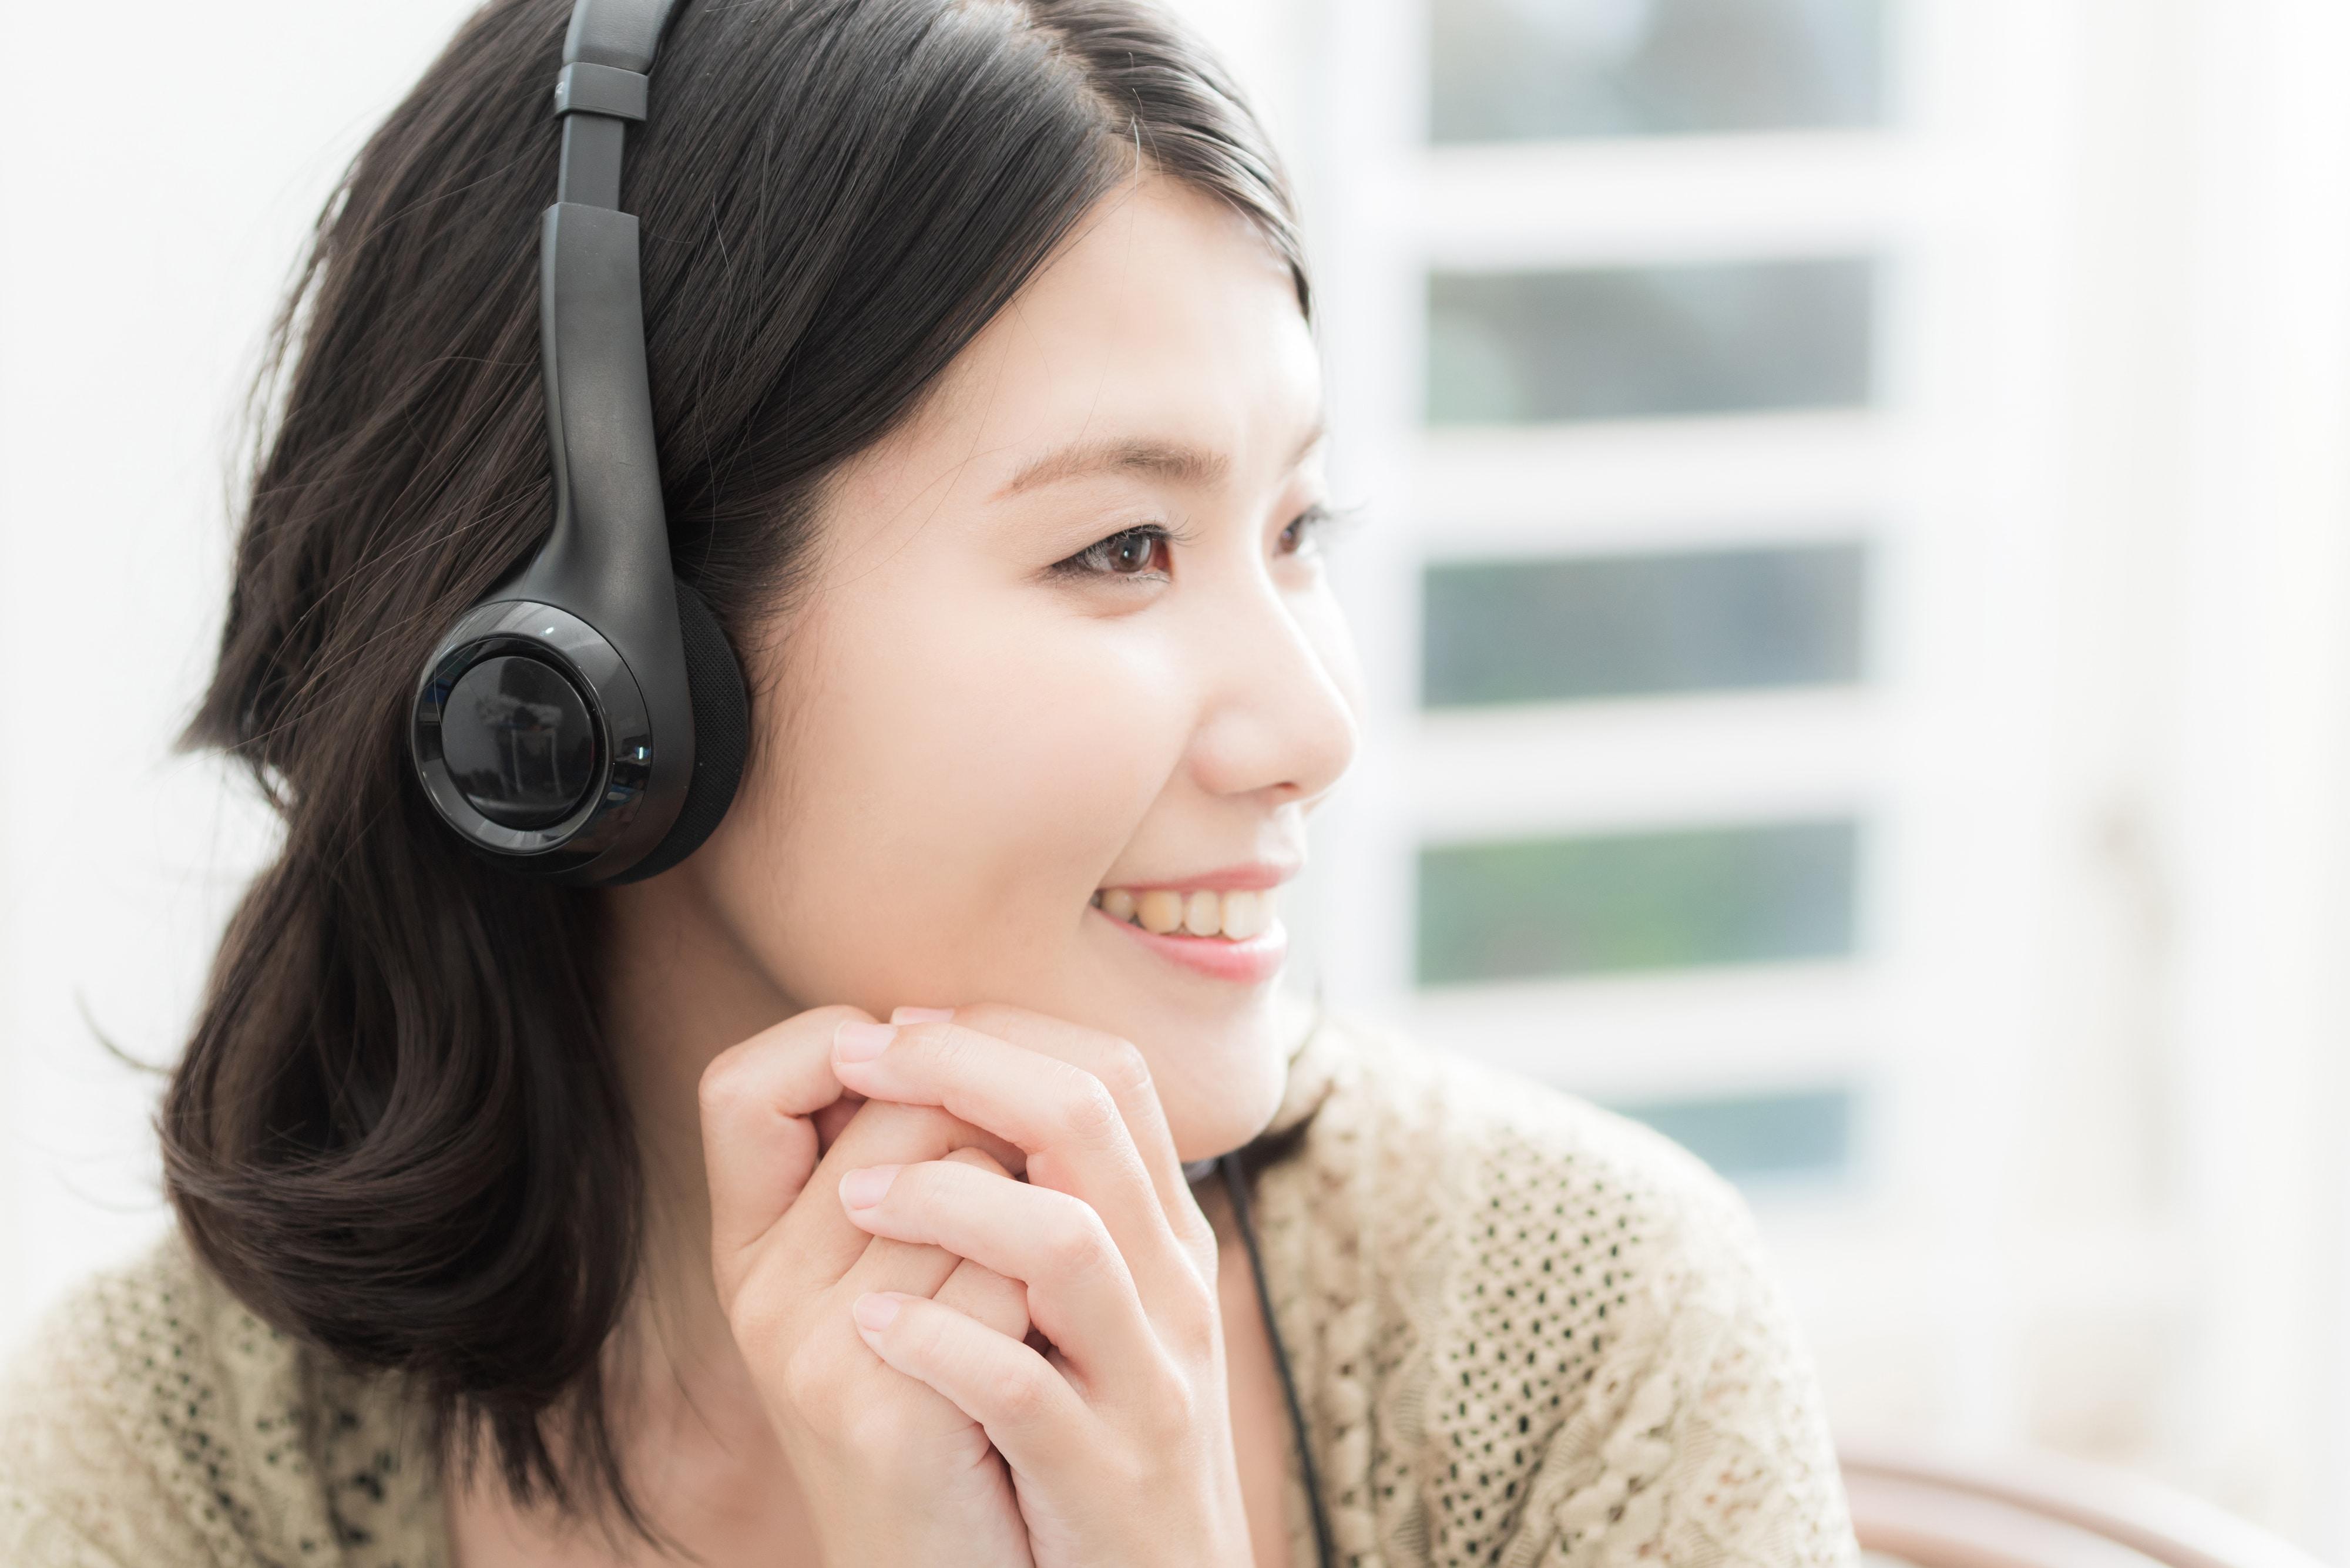 ラジオを聴く女性